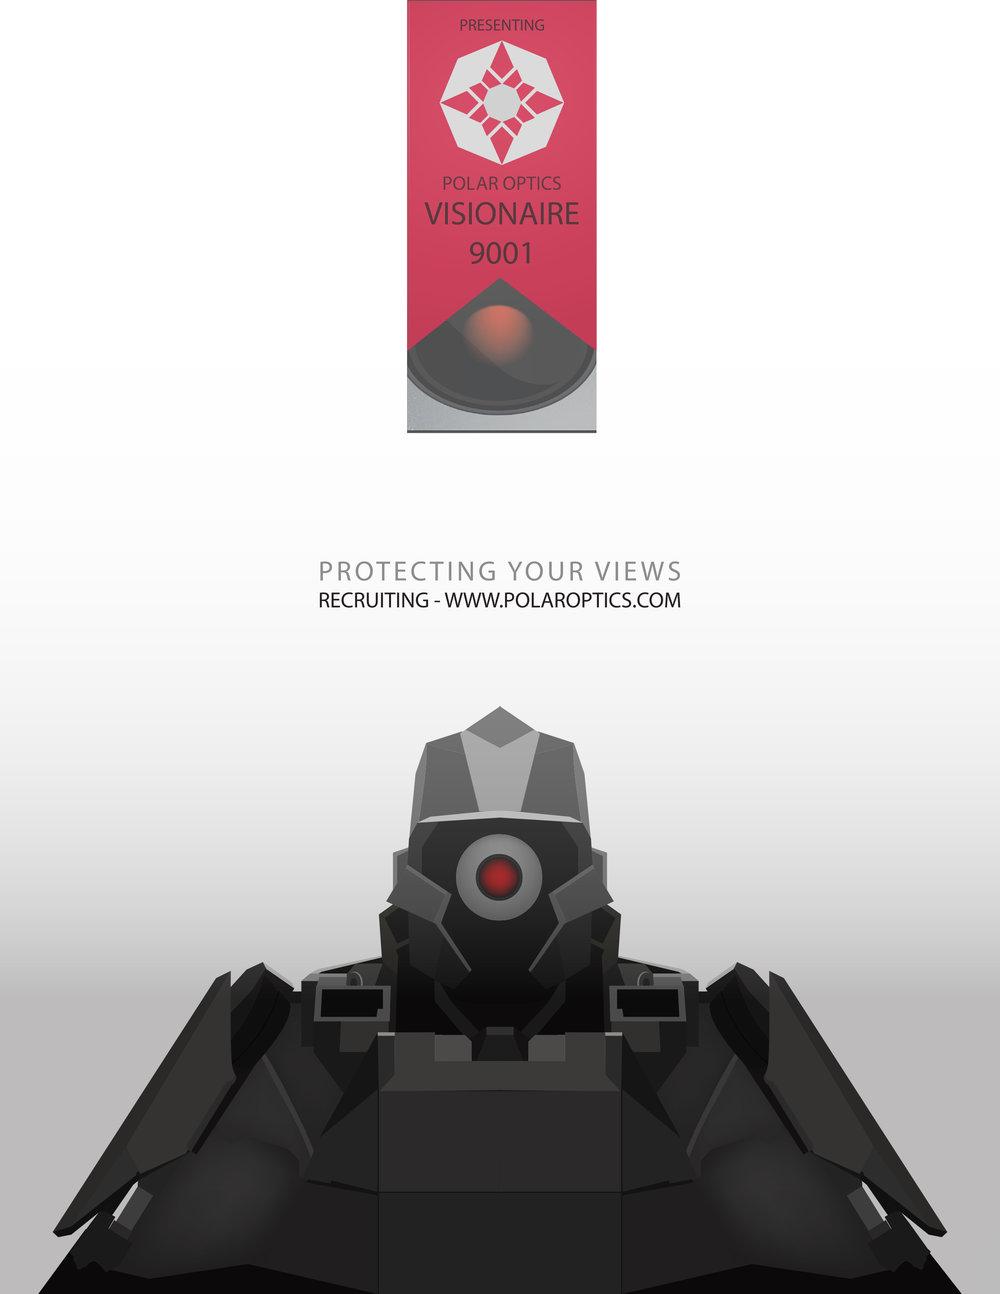 Poster-Final-3.jpg